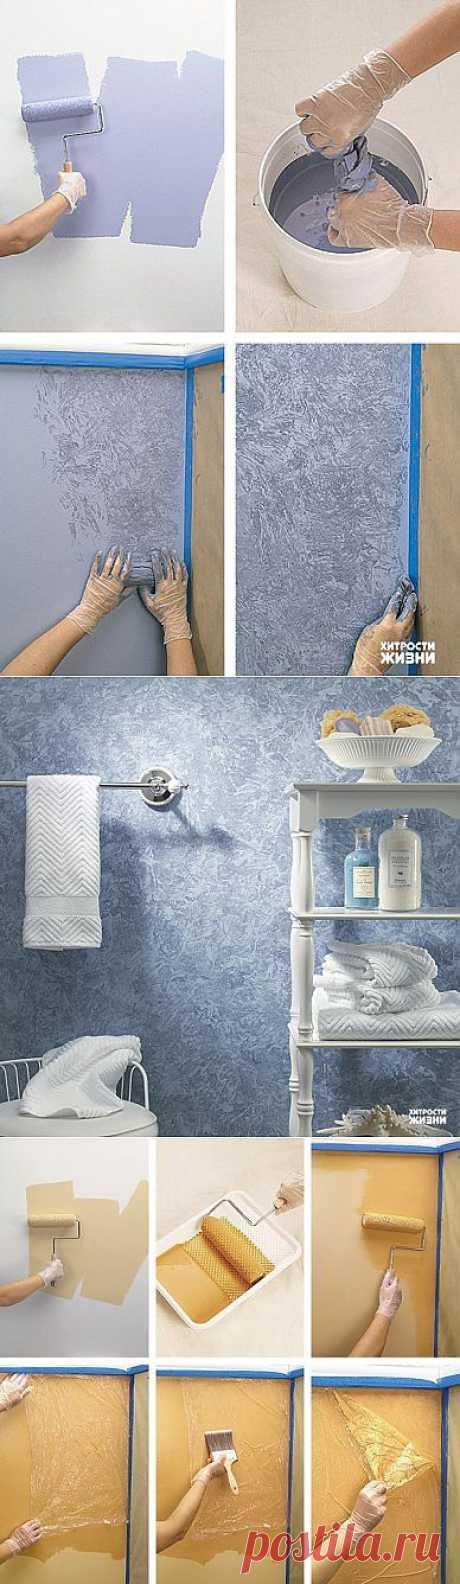 (+1) тема - Интересные идеи при покраске стен | УЮТНЫЙ ДОМ | советы